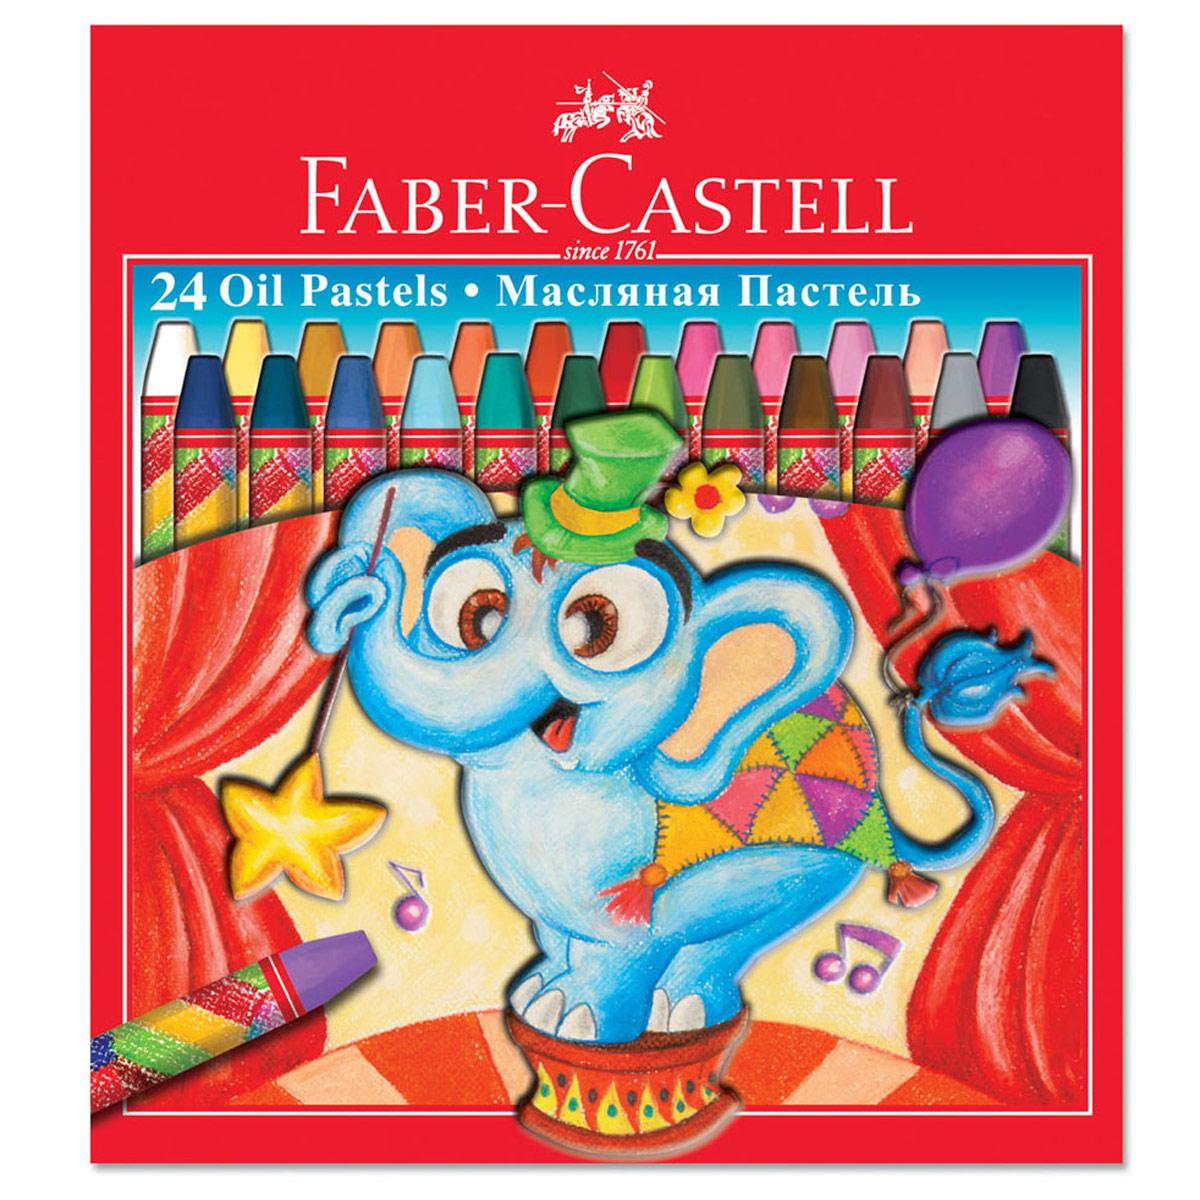 Масляная пастель Faber-Castell, 24 цвета125324Масляная пастель Faber-Castell включает в себя 24 мелка насыщенных цветов. Пастель отличается высоким качеством и впечатляюще яркими цветами. Она обеспечит комфортное и мягкое рисования. Благодаря однородной консистенции пастель не крошится. Превосходно ложится на бумагу, картон, дерево и камень, устойчива к температуре. Цвета можно смешивать для получения новых оттенков. Масляная пастель Faber-Castell, безопасная для малыша, позволит вашему маленькому художнику раскрыть свой талант. Подарите своему ребенку радость творчества!